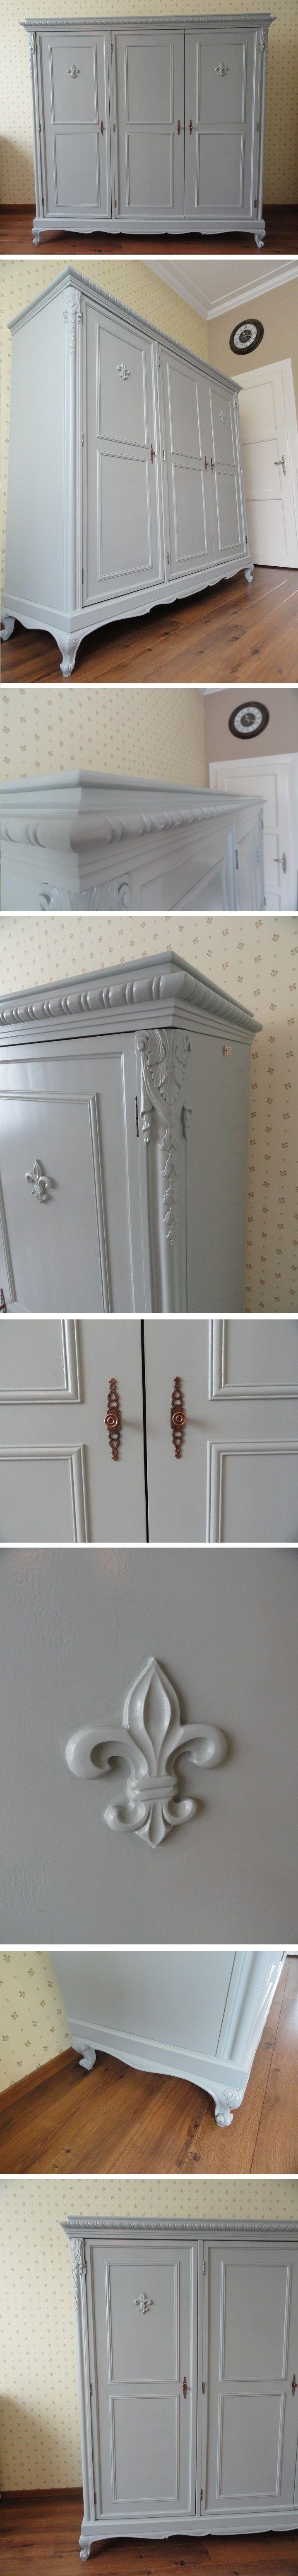 ST117 Vintázs neobarokk ruhásszekrény - Vintage baroque wardrobe - Grey queen